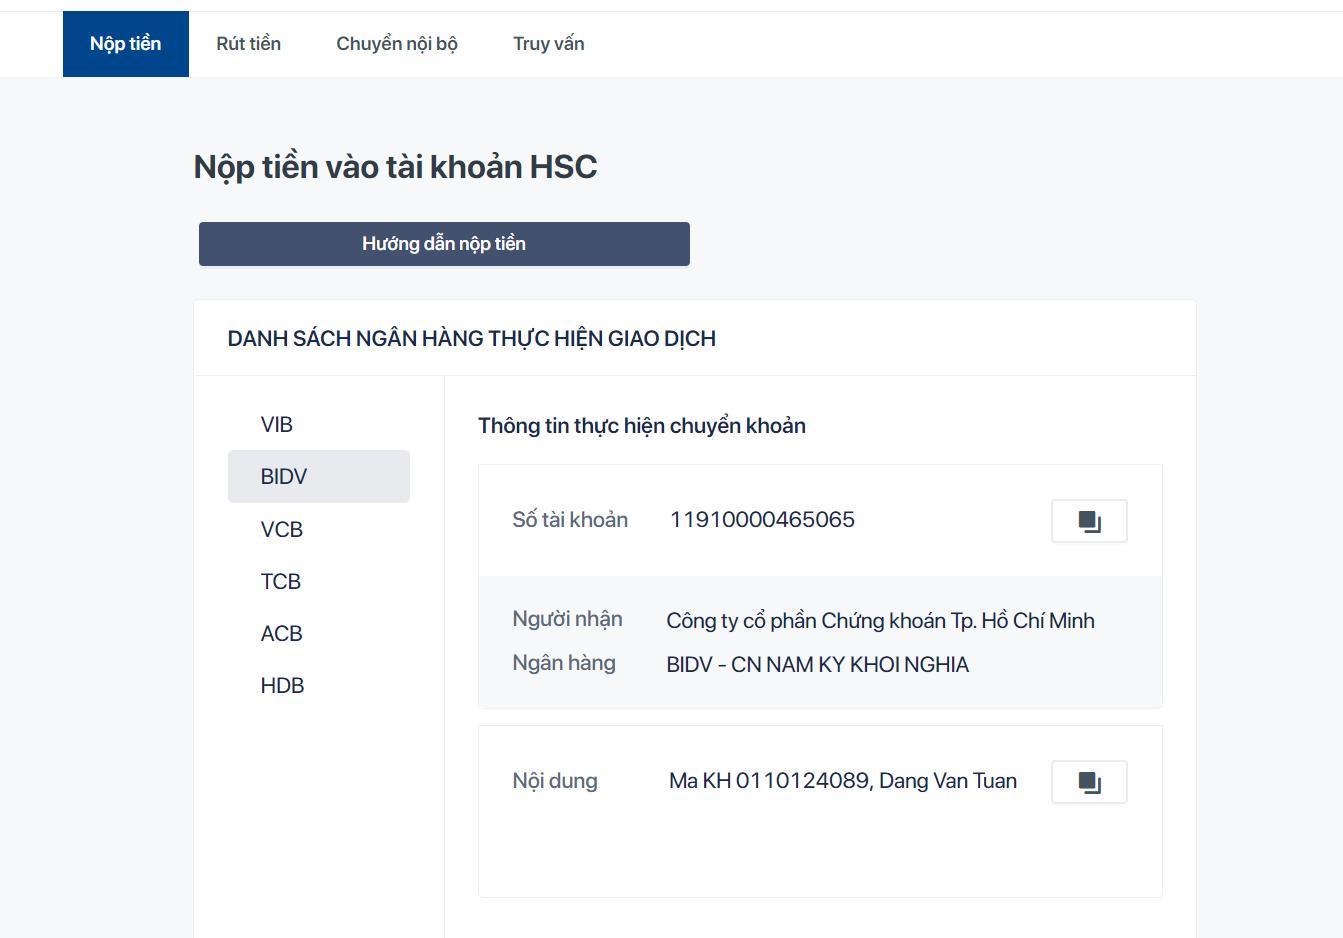 Hướng dẫn đăng nhập và sử dụng trang Web myhsc